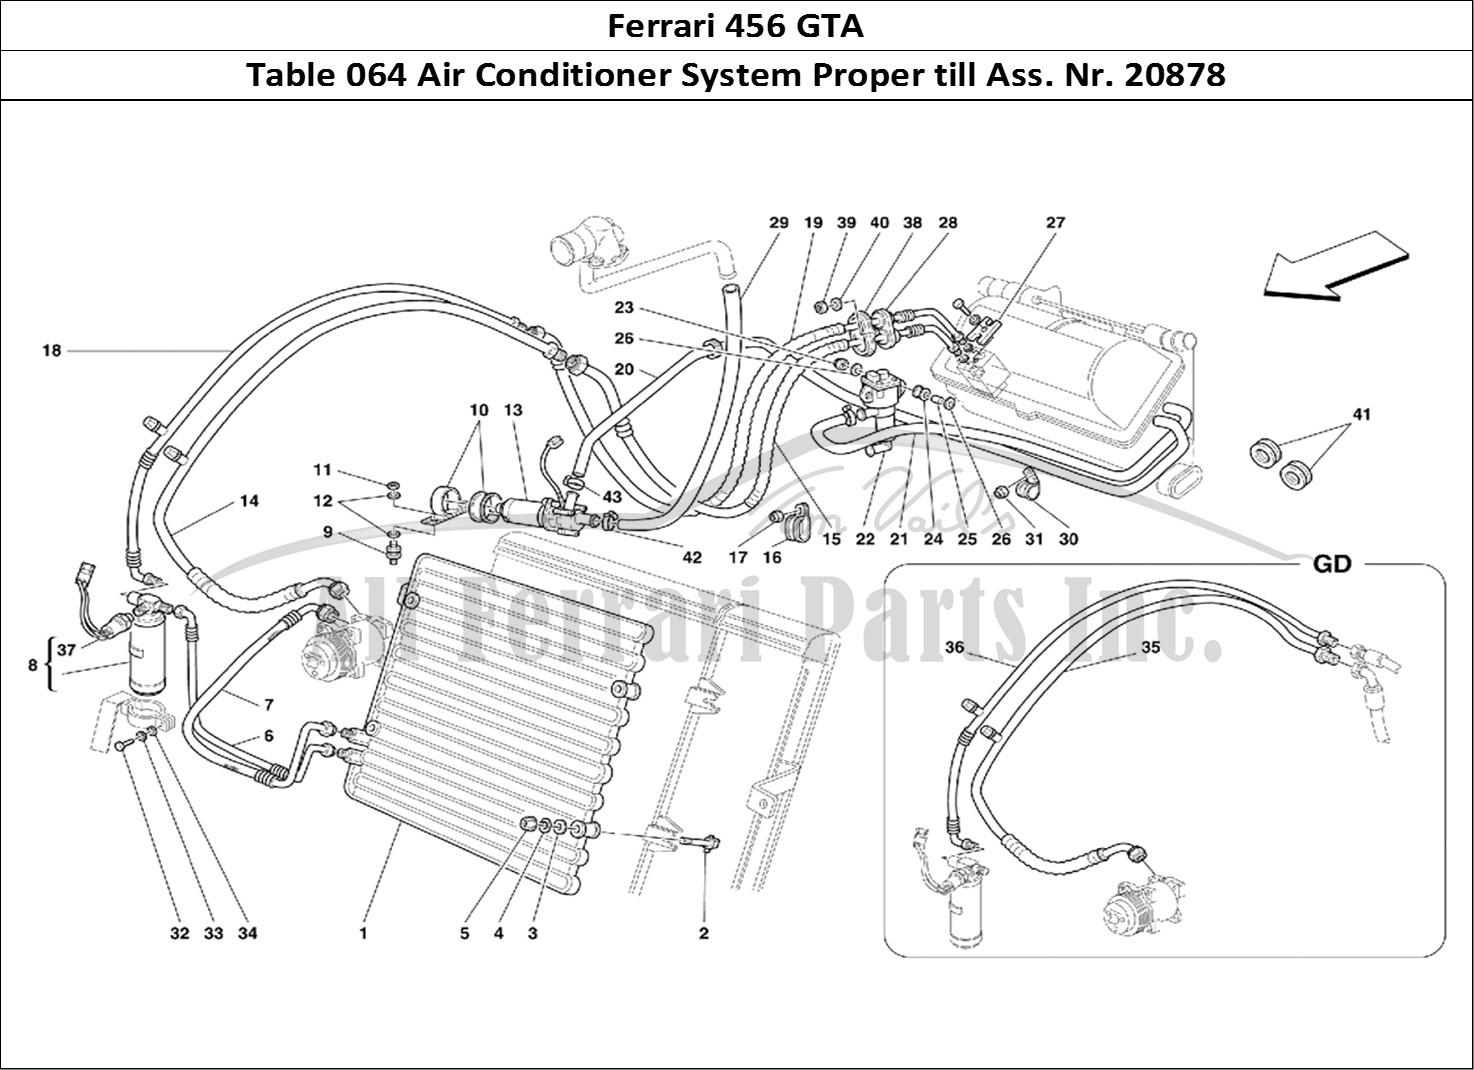 Buy Original Ferrari 456 Gta 064 Air Conditioner System